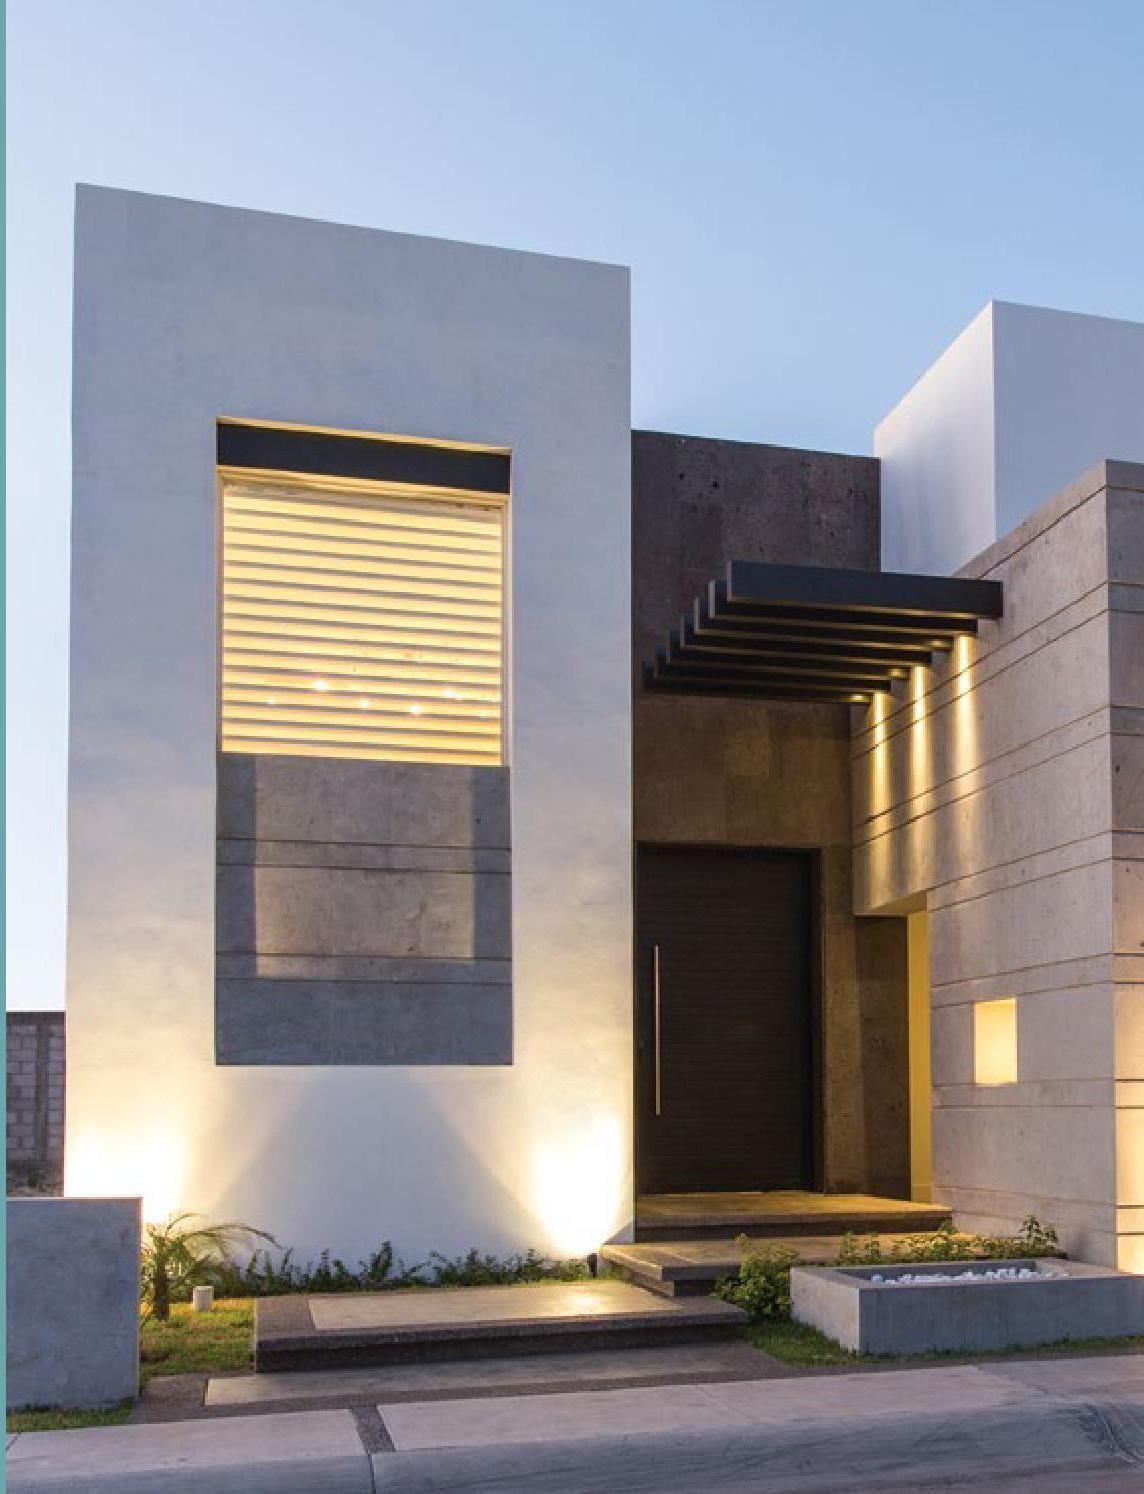 Arquitectura Casas Escaleras Exteriores Arquitectura: Edición 17 - Revista Muros Arquitectura Diseño Interiorismo